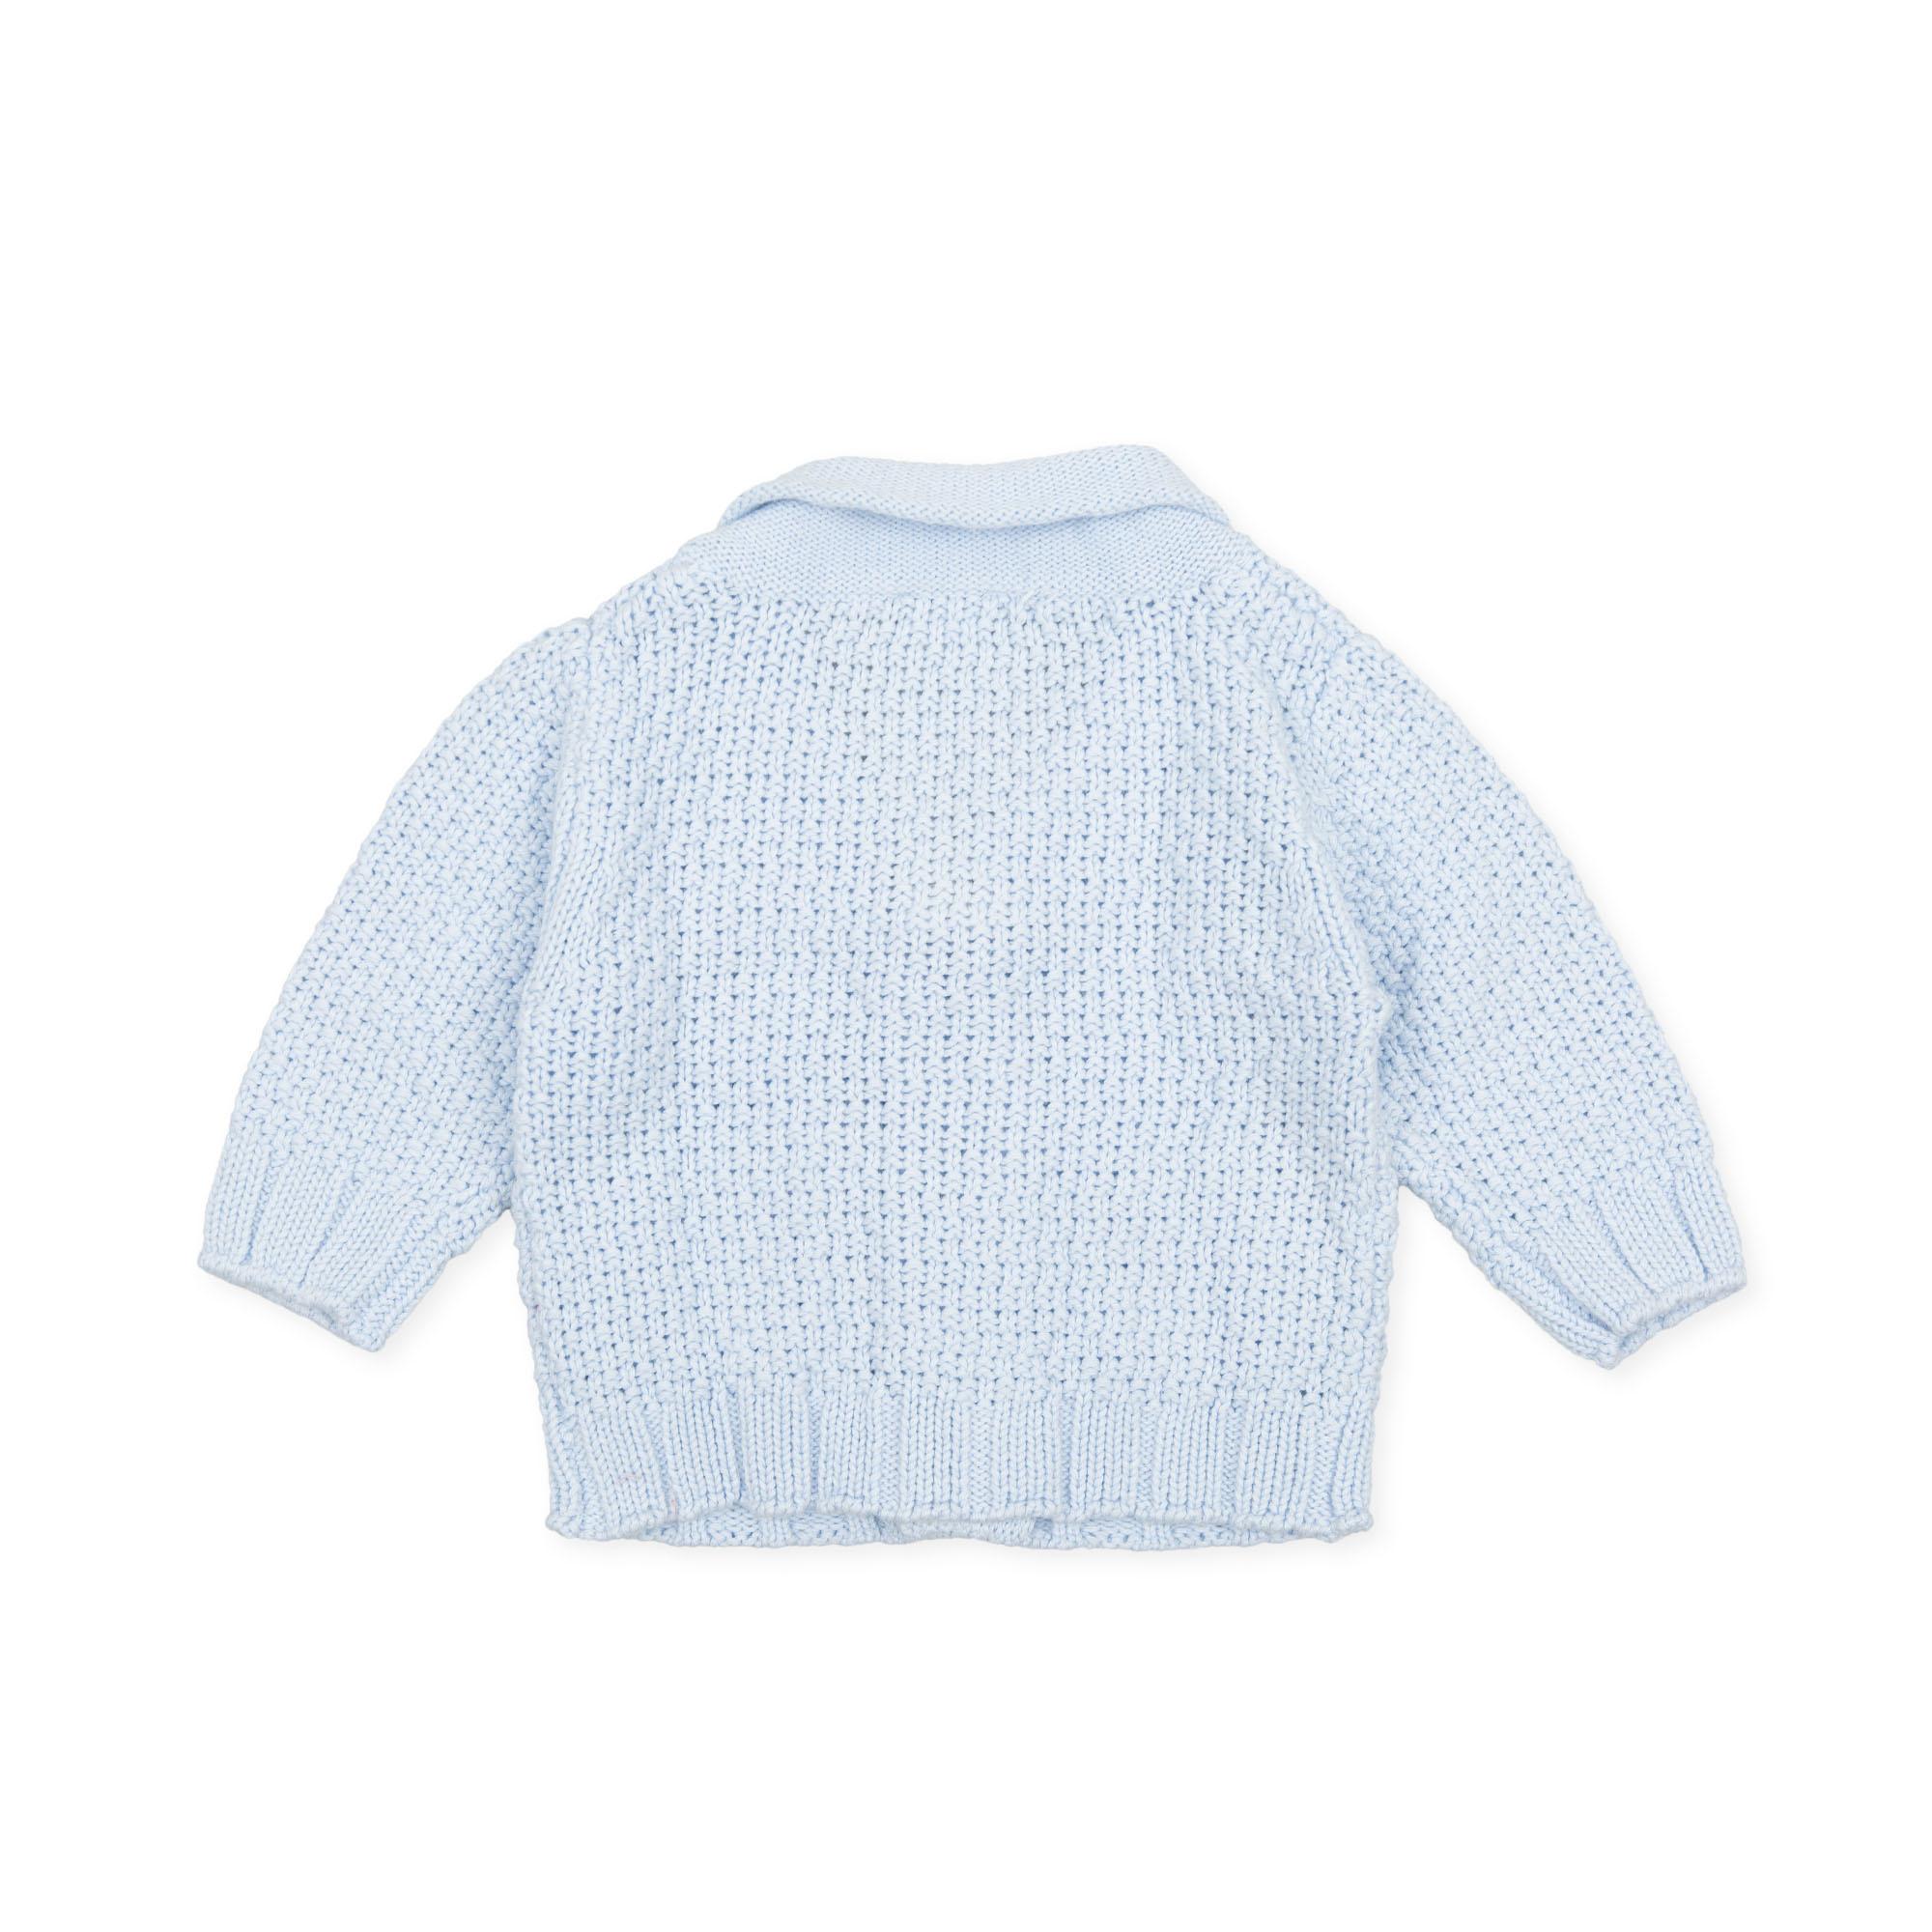 Tutto Piccolo Tutto Piccolo 9521 Pale Blue Knit Jacket